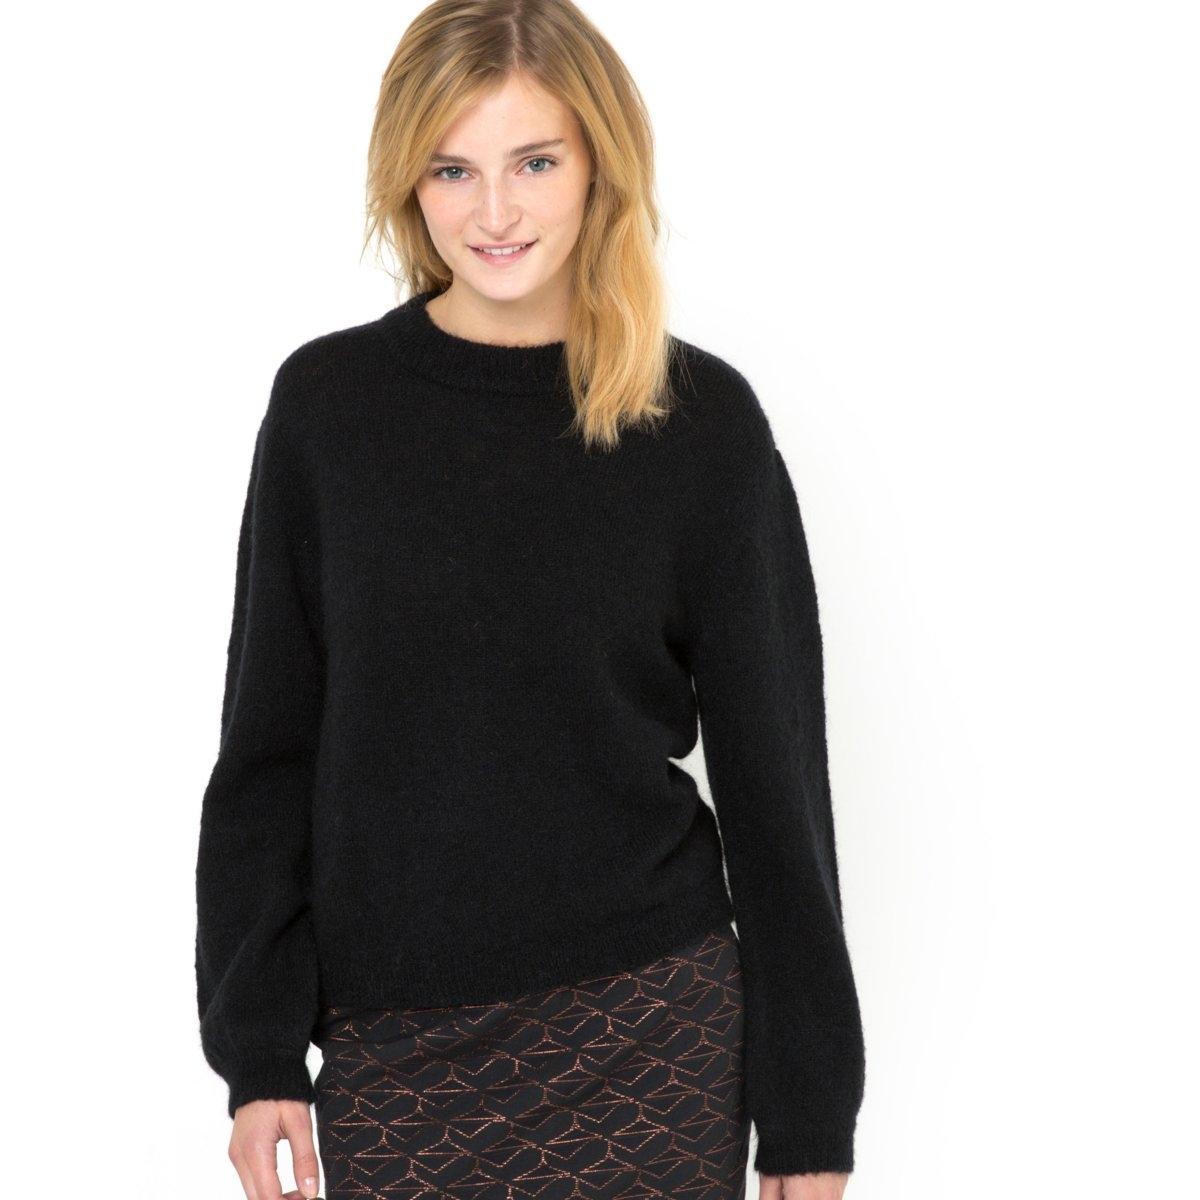 Пуловер из трикотажа и рукавами с напускомПуловер из трикотажа: 42% шерсти, 30% полиамида, 25% мохера, 3% эластана. Круглый вырез. Длинные рукава с напуском. Края выреза, манжет и низа связаны в рубчик. Длина 61 см.<br><br>Цвет: черный<br>Размер: 46/48 (FR) - 52/54 (RUS)